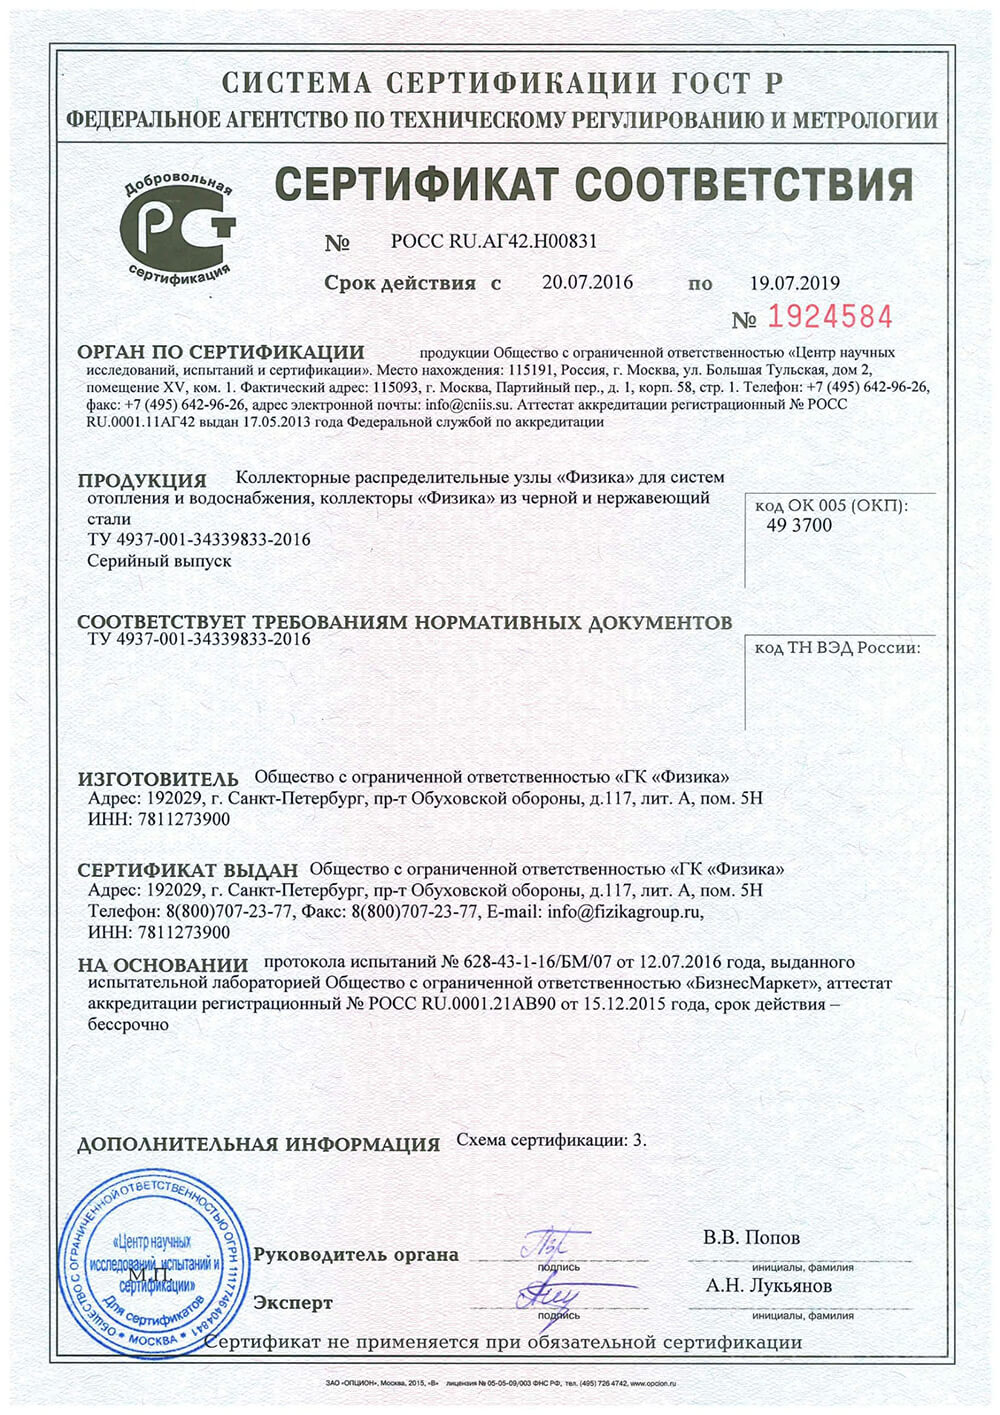 Сертифицированные коллекторные узлы и коллекторы